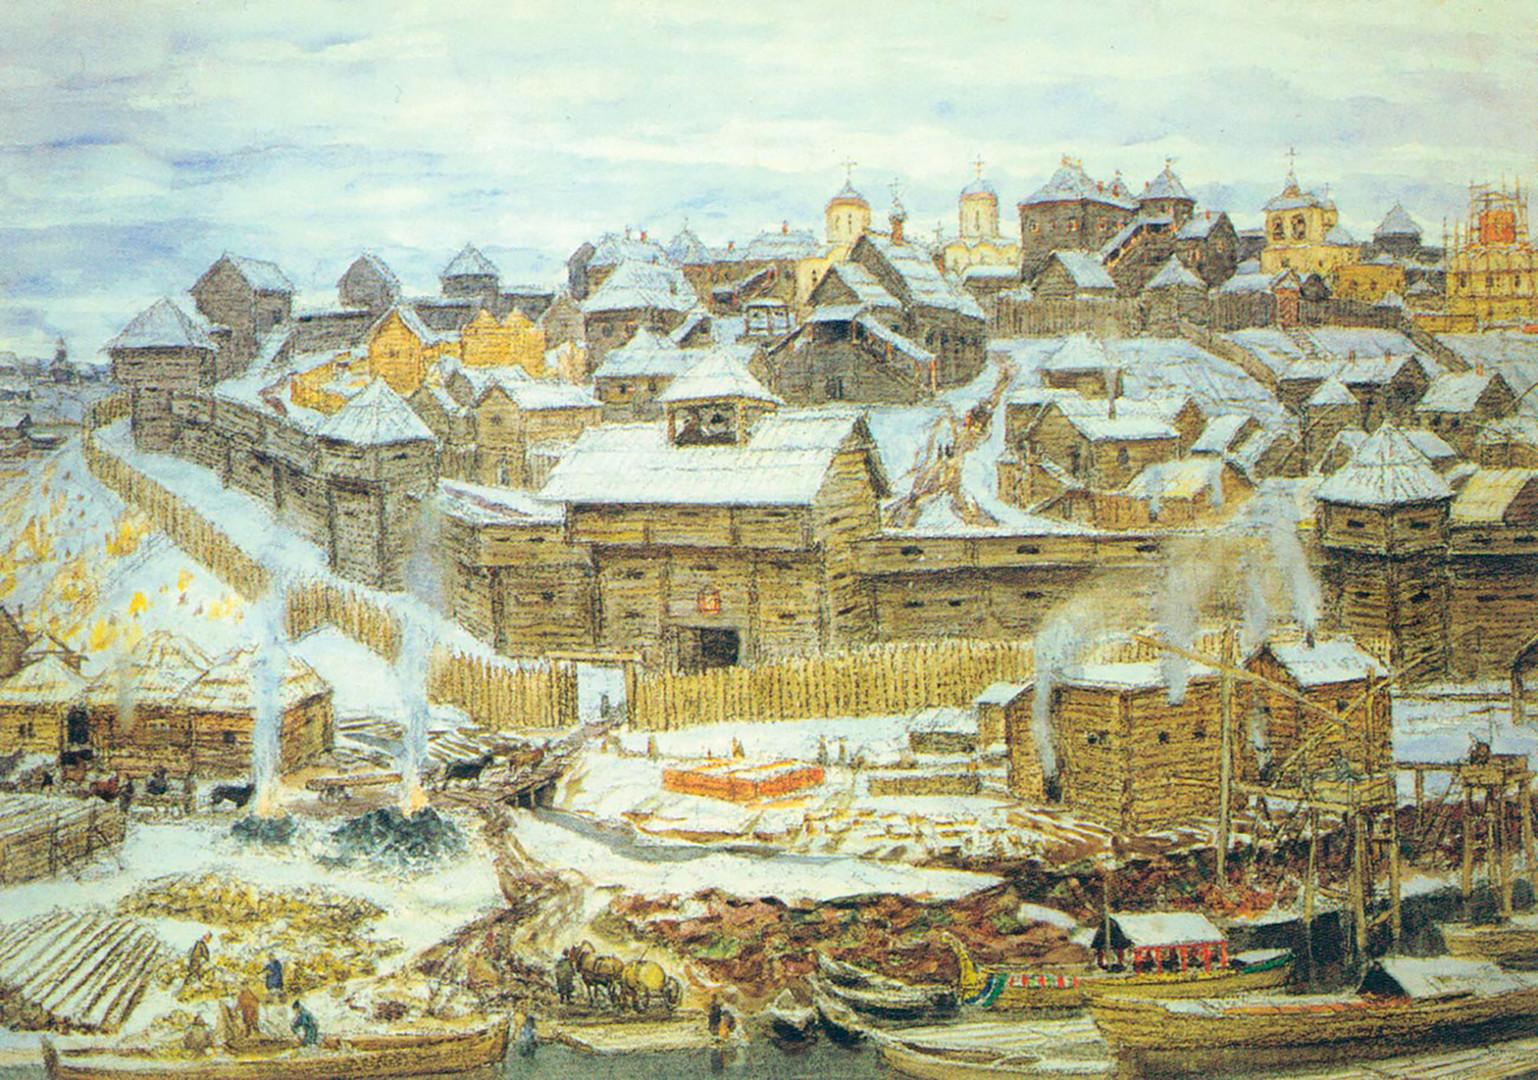 Il Cremlino di Mosca dipinto da Apollinarij Vasnetsov, acquerello, 1921